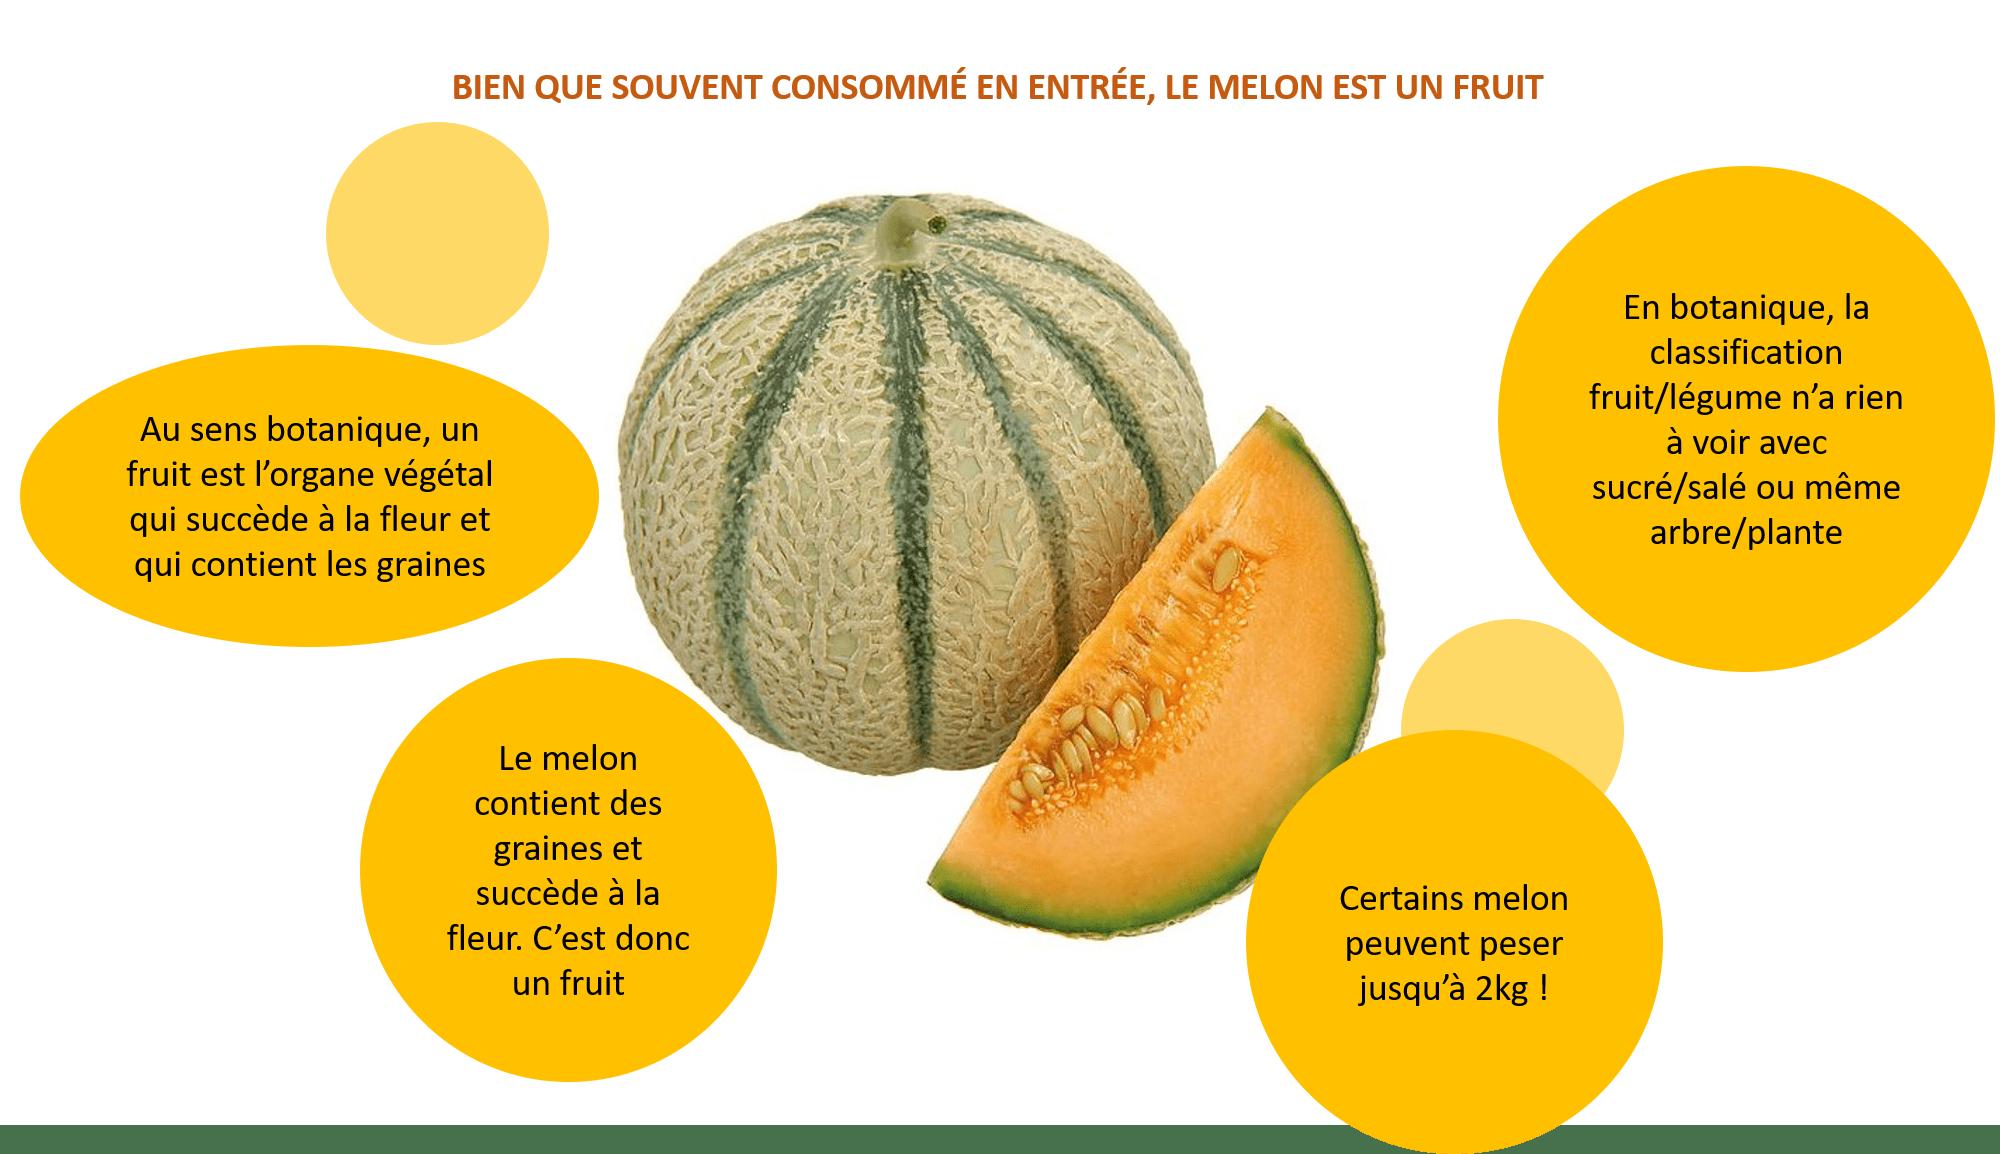 Melon fruit ou légume